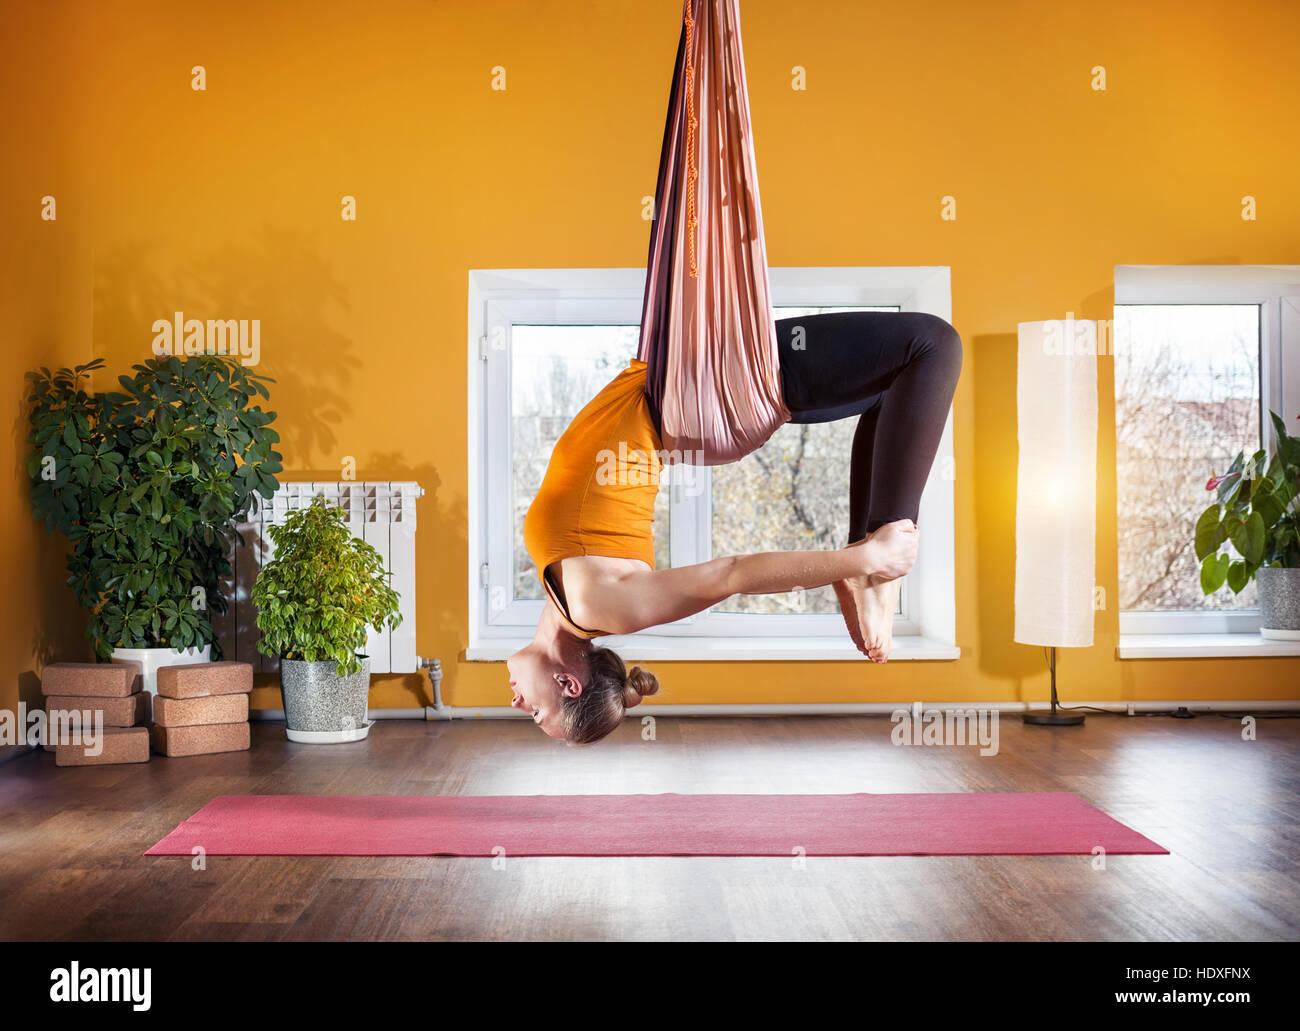 Junge Frau, die nach hinten biegen Position im Studio mit gelben Wänden Antigravity Yoga machen Stockbild